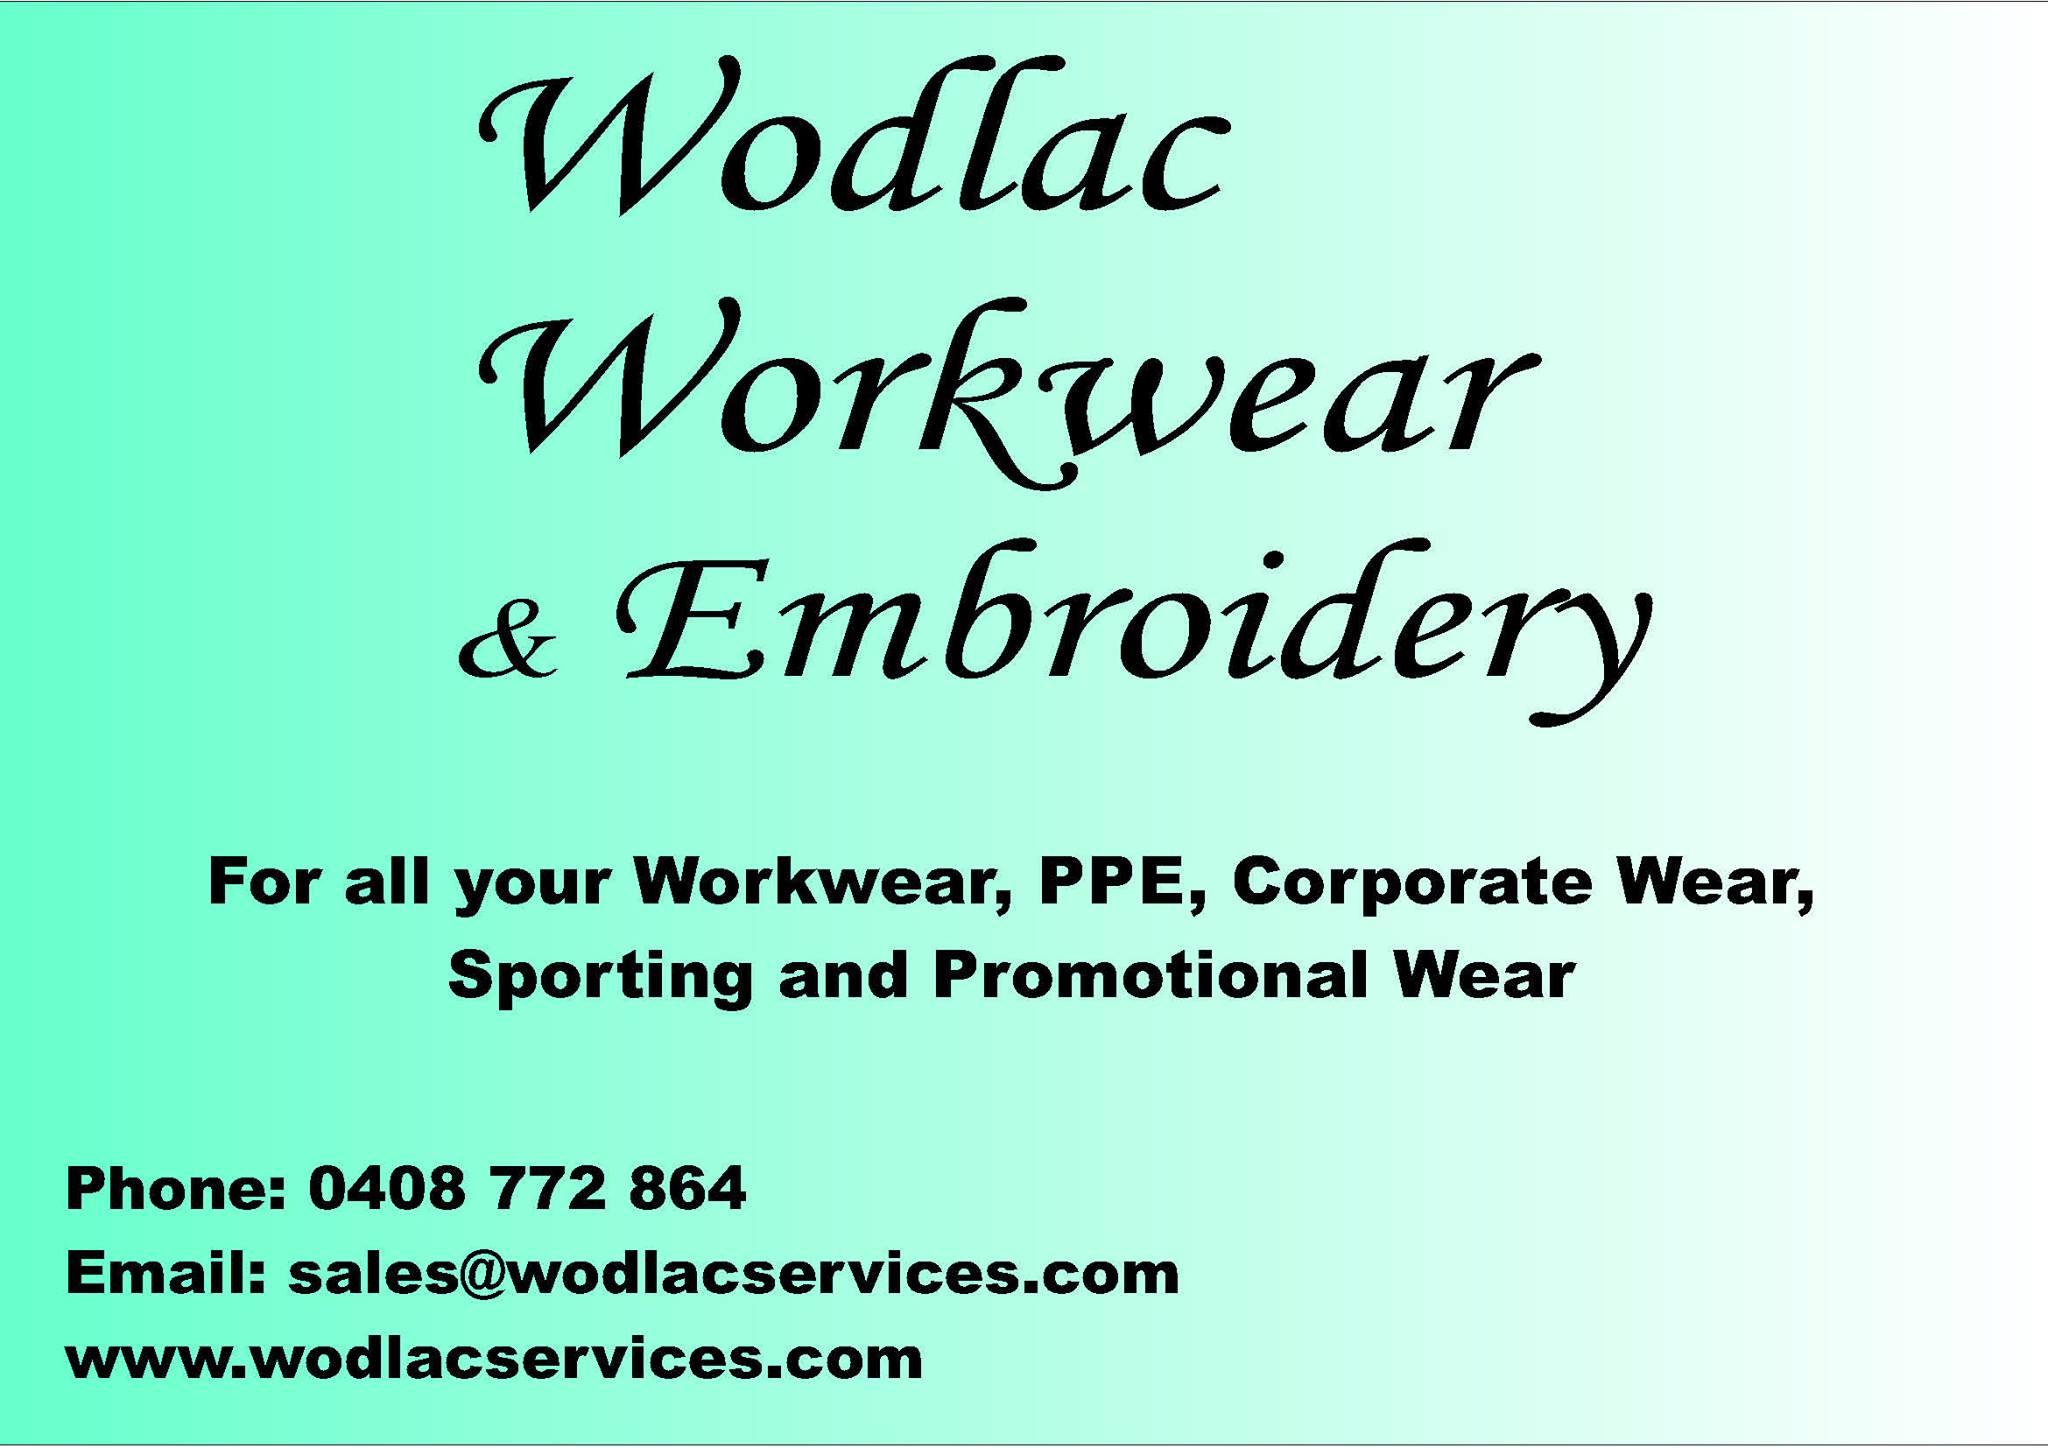 Wodlac Workwear & Embroidery